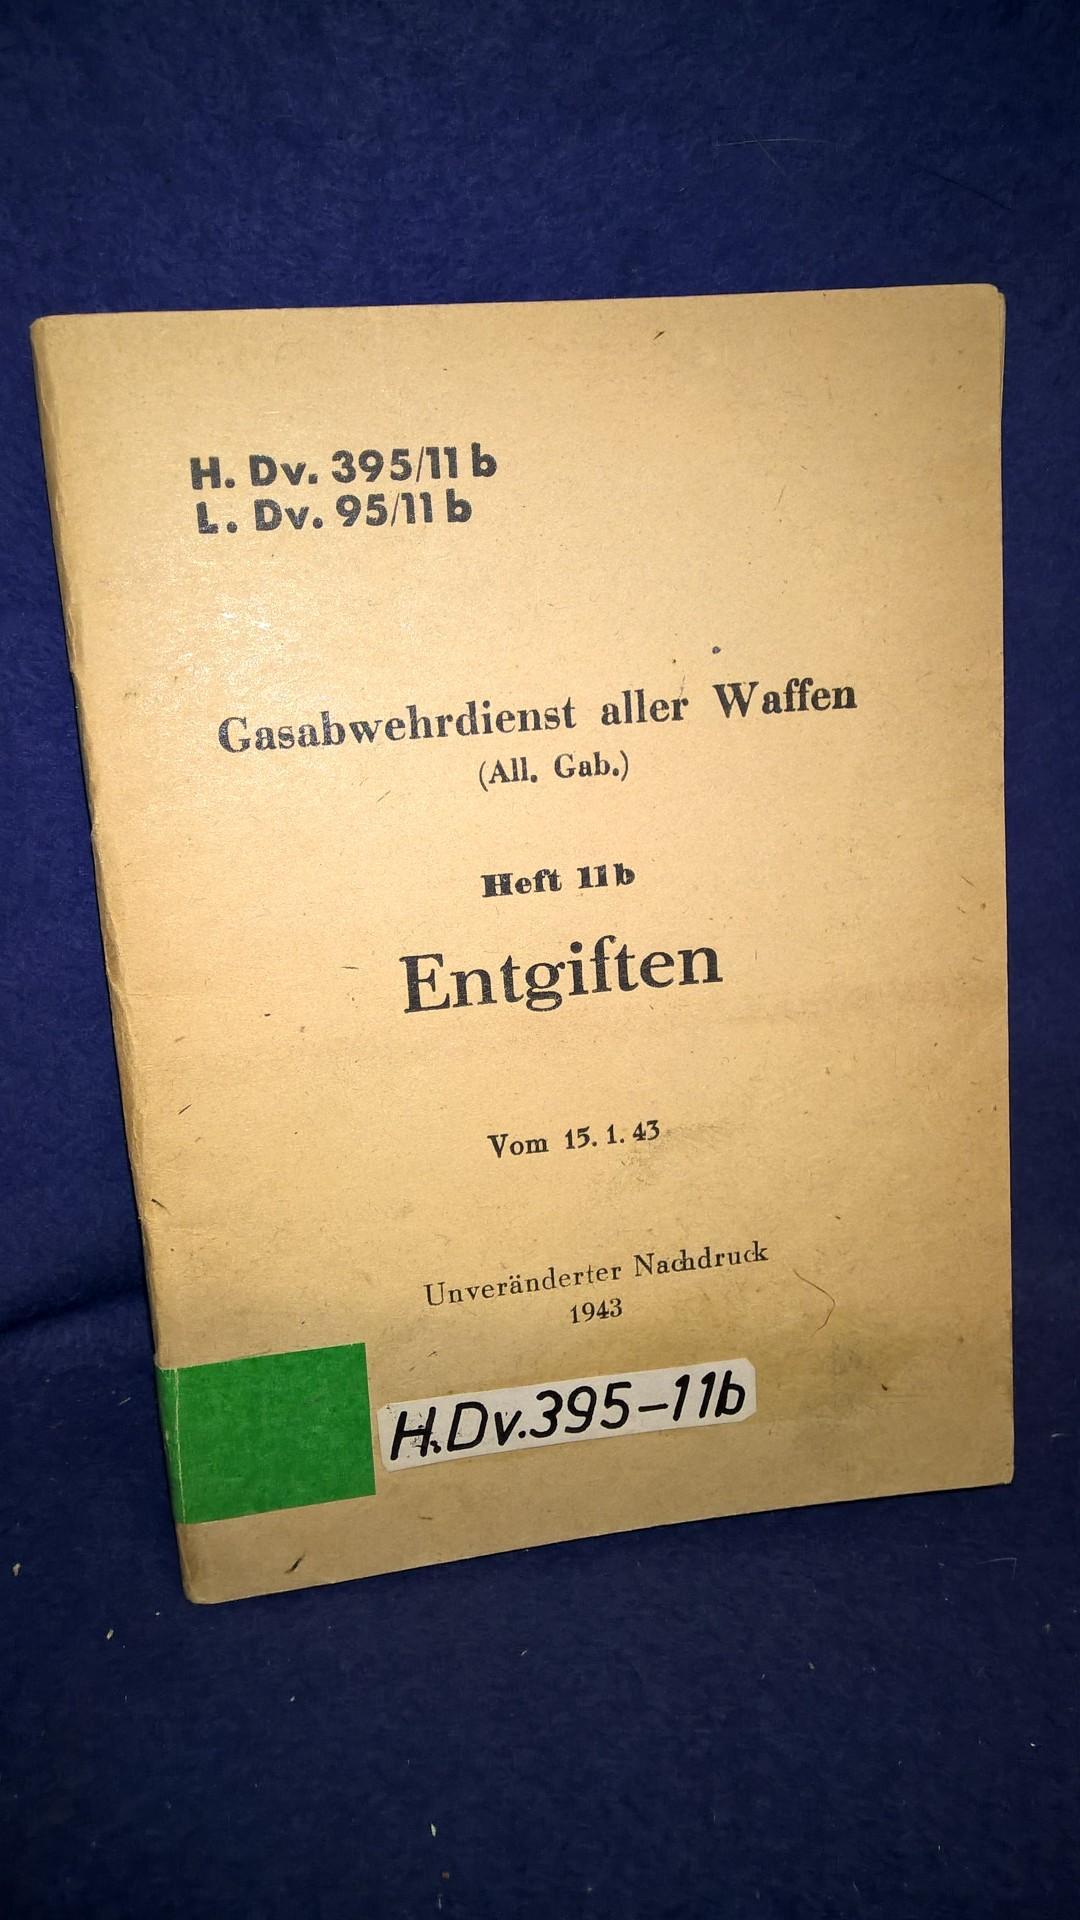 H.Dv. 395/11b. L.Dv. 95/11b. Gasabwehrdienst aller Waffen. Heft 11b: Entgiften. Vom 15.1.1943.